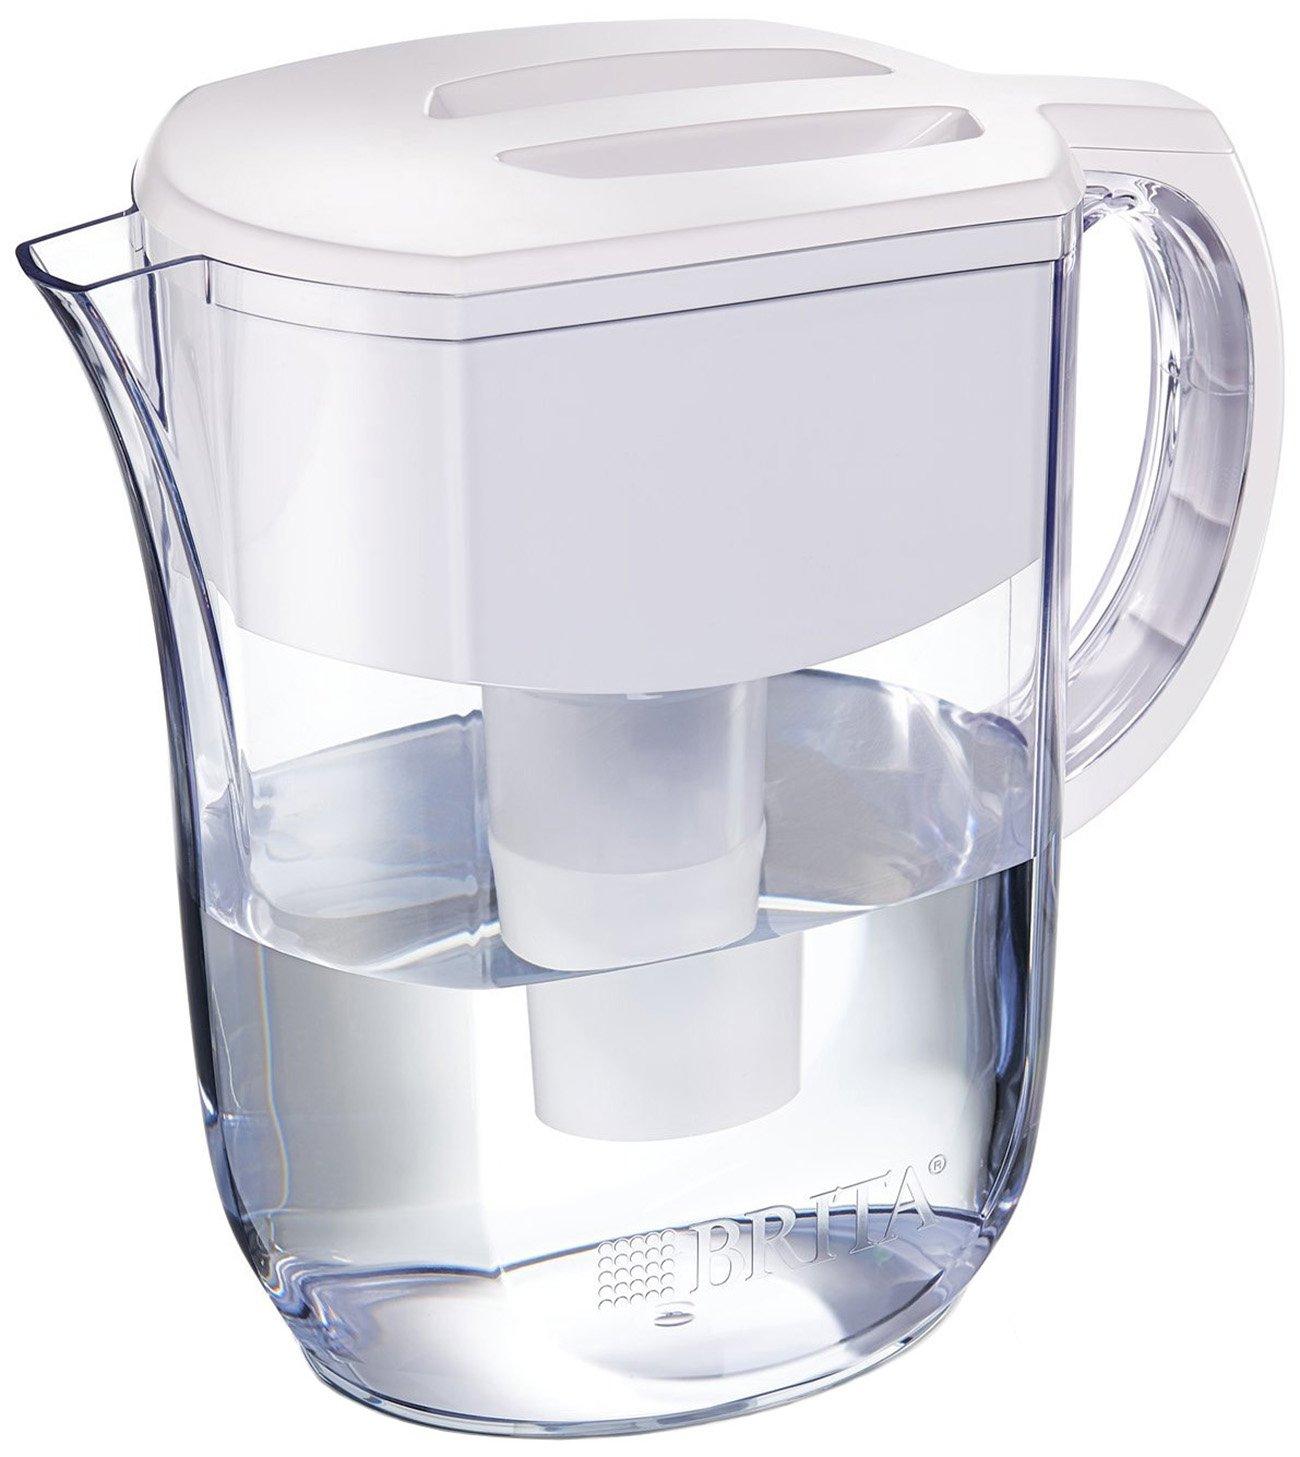 Brita碧然德 10杯量过滤净水壶,原价.39,现仅售20.99 - 第1张  | 淘她喜欢